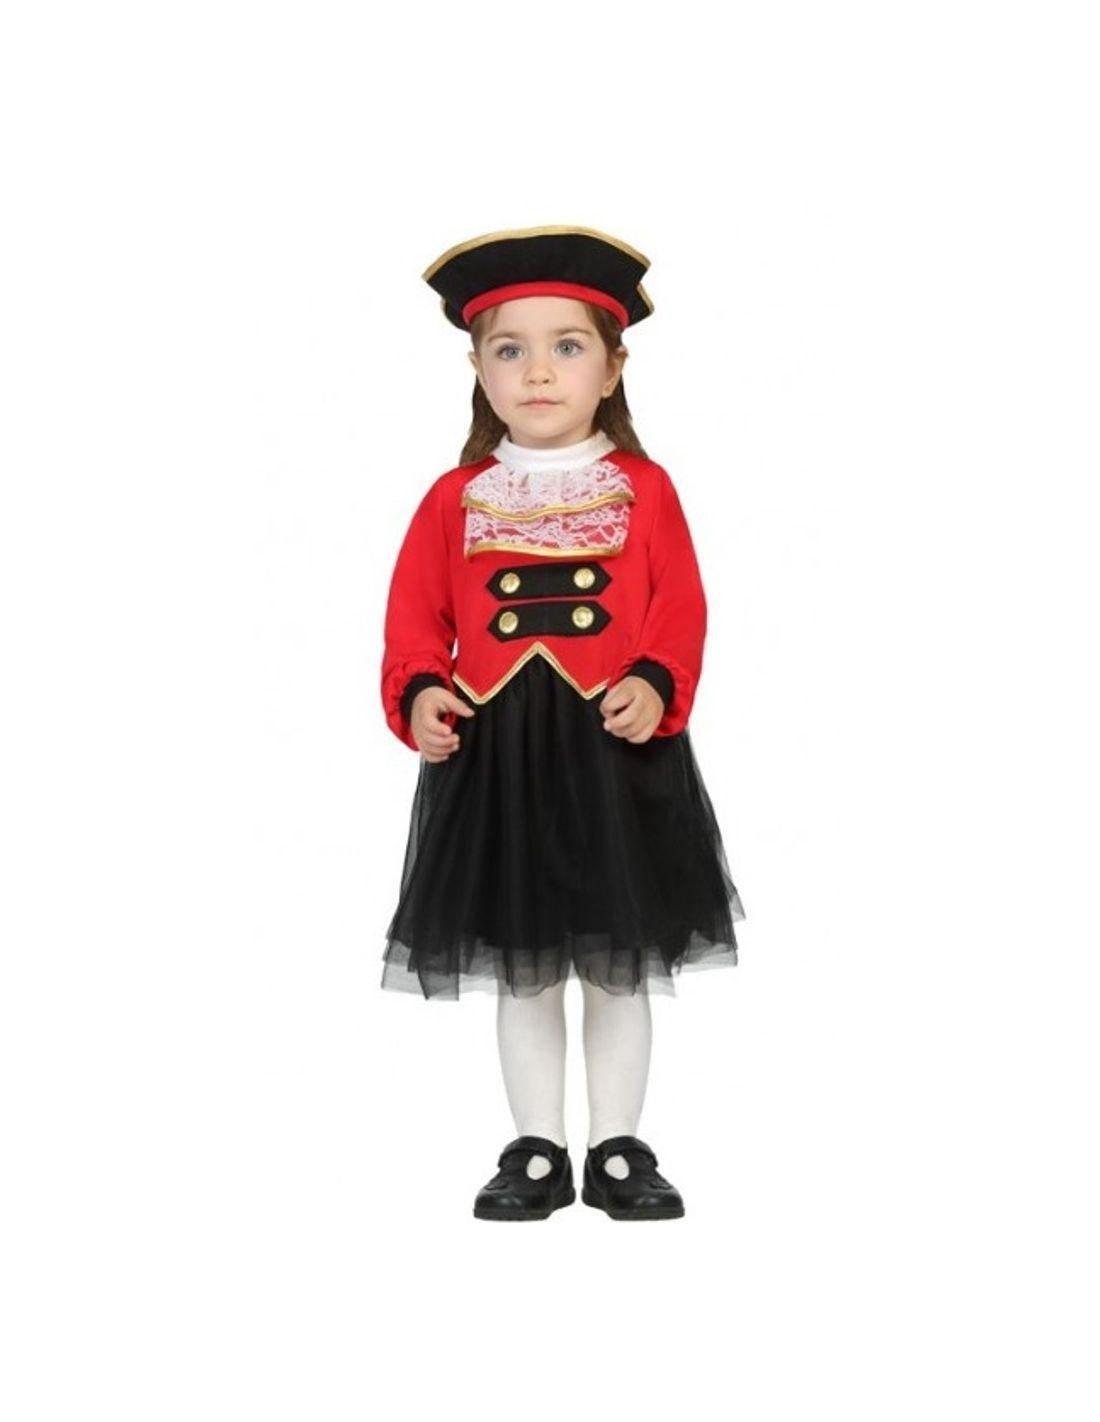 Disfraz Pirata Bebe Niña Tienda De Disfraces Online Envios 24 H